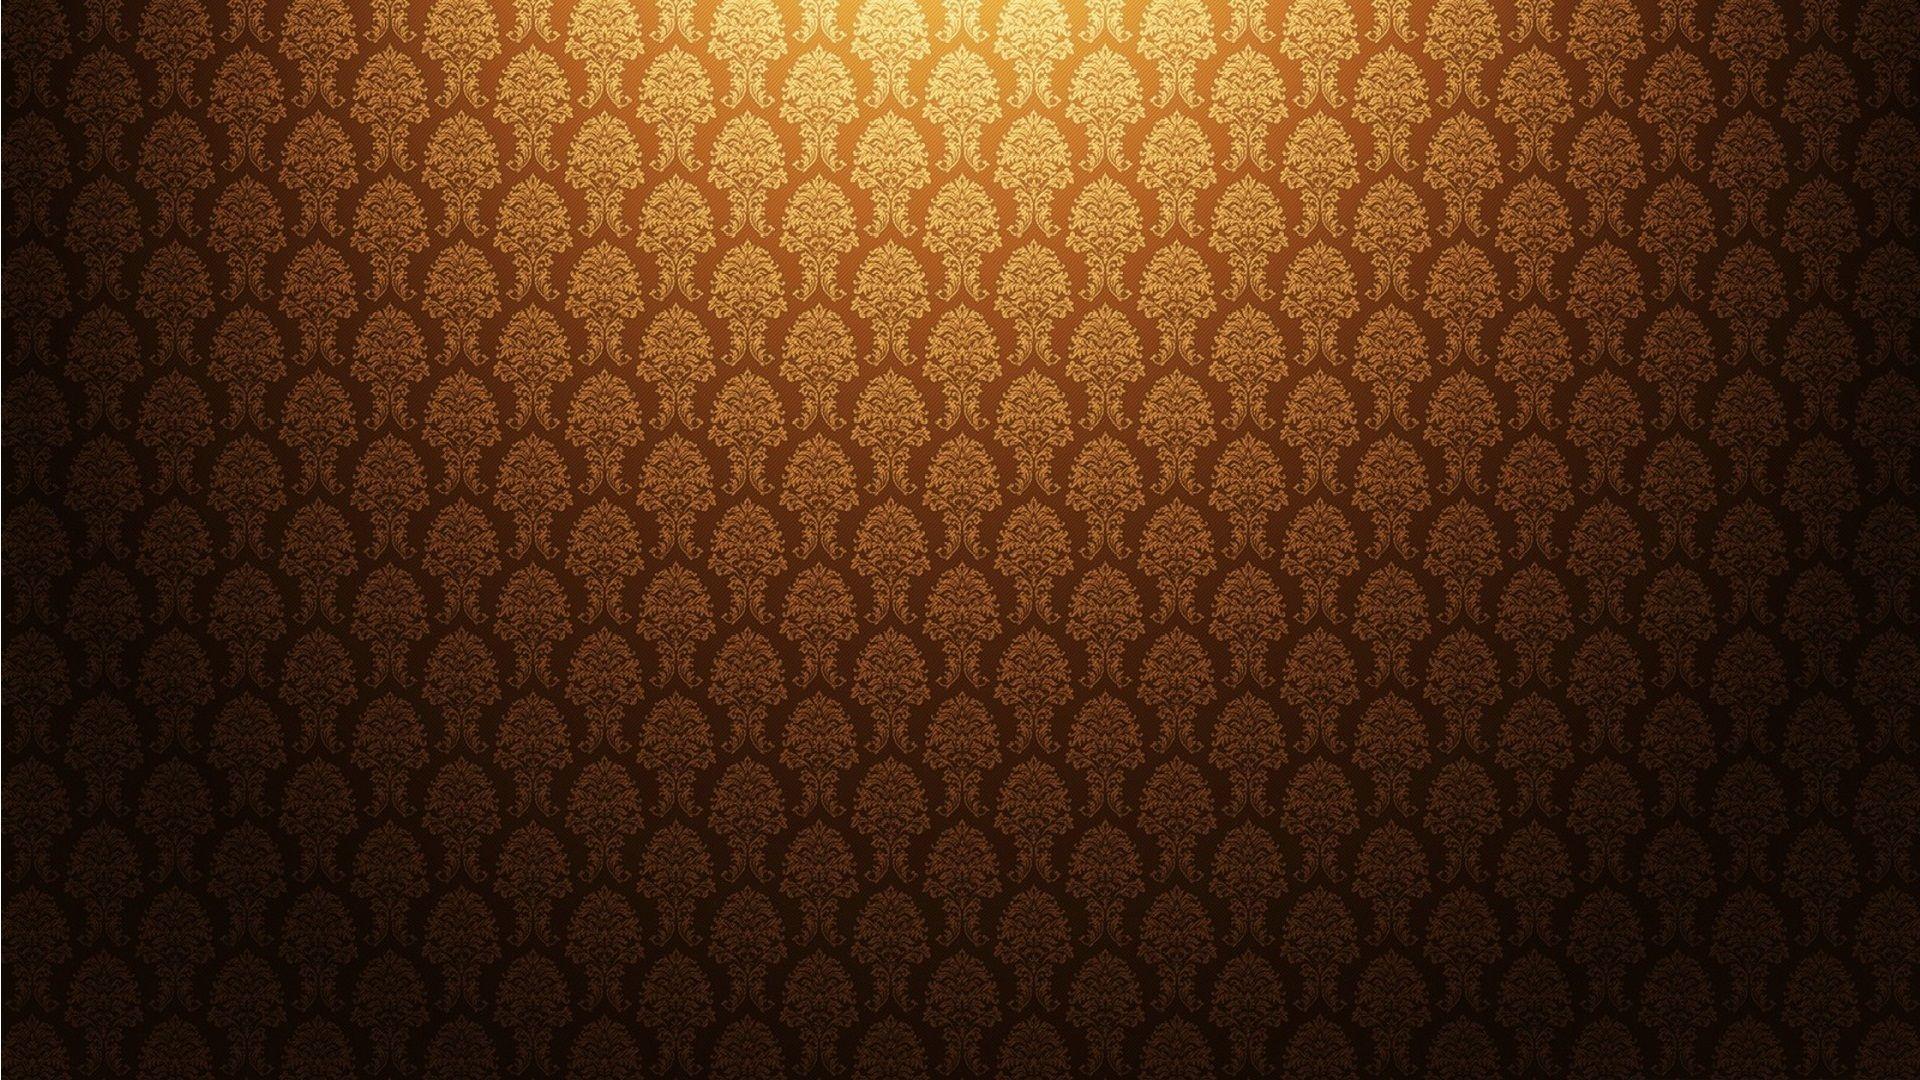 Gold Pattern Desktop Backgrounds 2021 Live Wallpaper Hd Vintage Gold Wallpaper Retro Wallpaper Gold Wallpaper